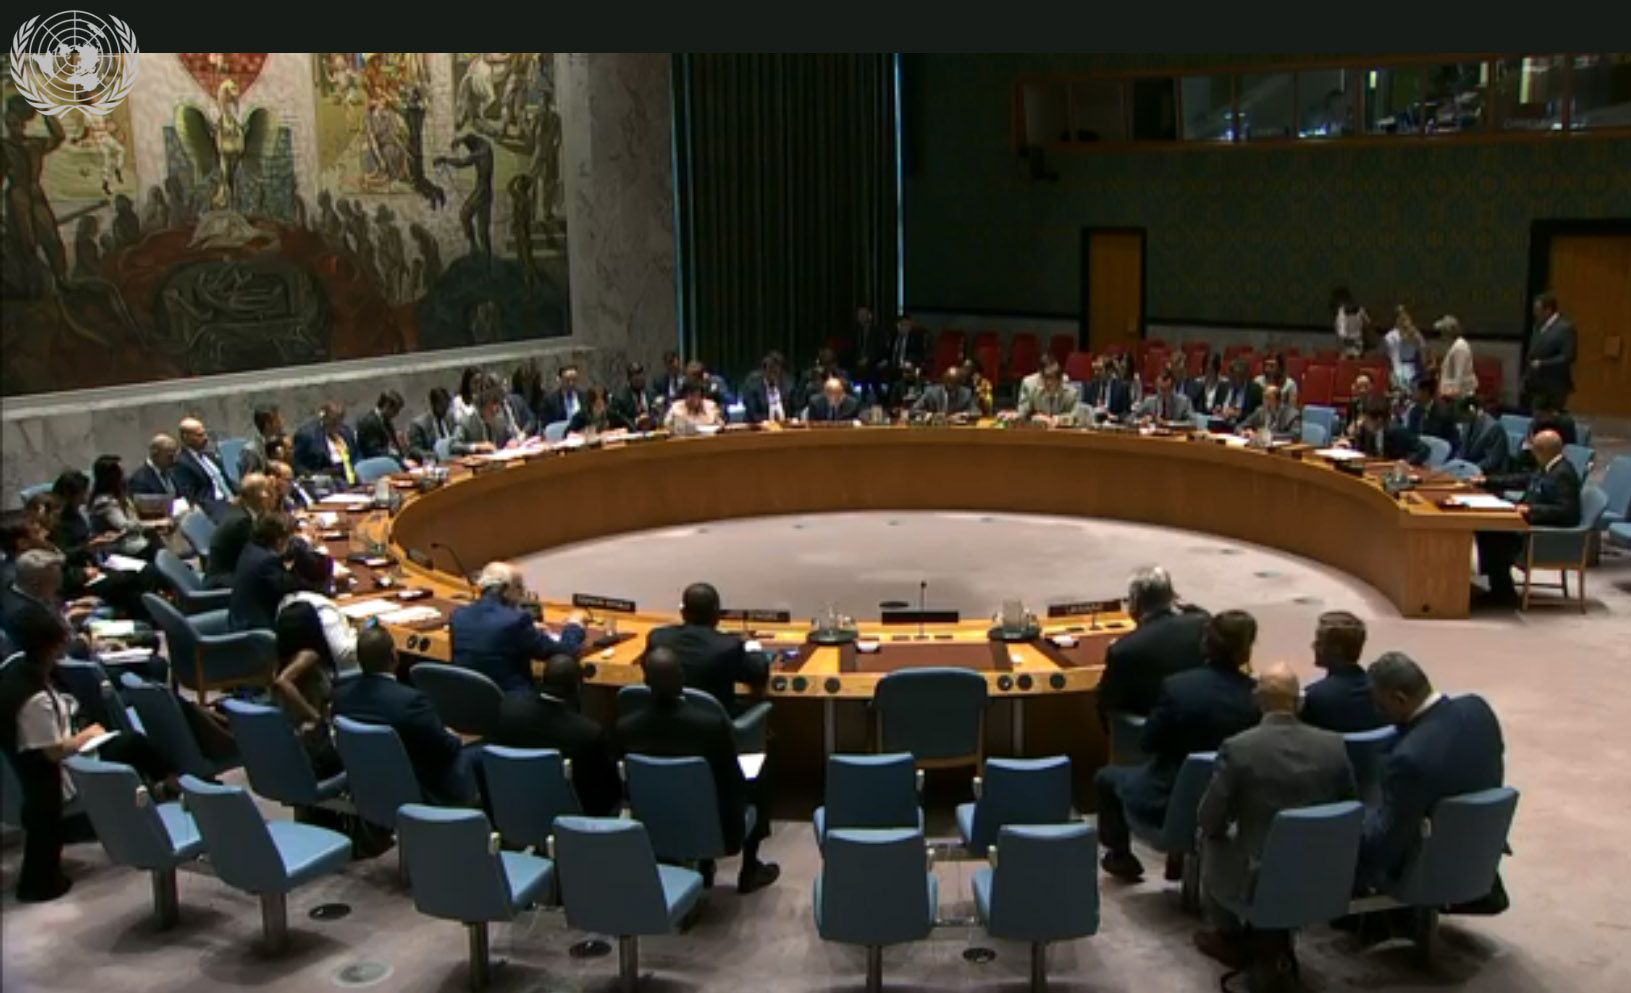 Sprachgesetz im UN-Sicherheitsrat – wovon sprach man